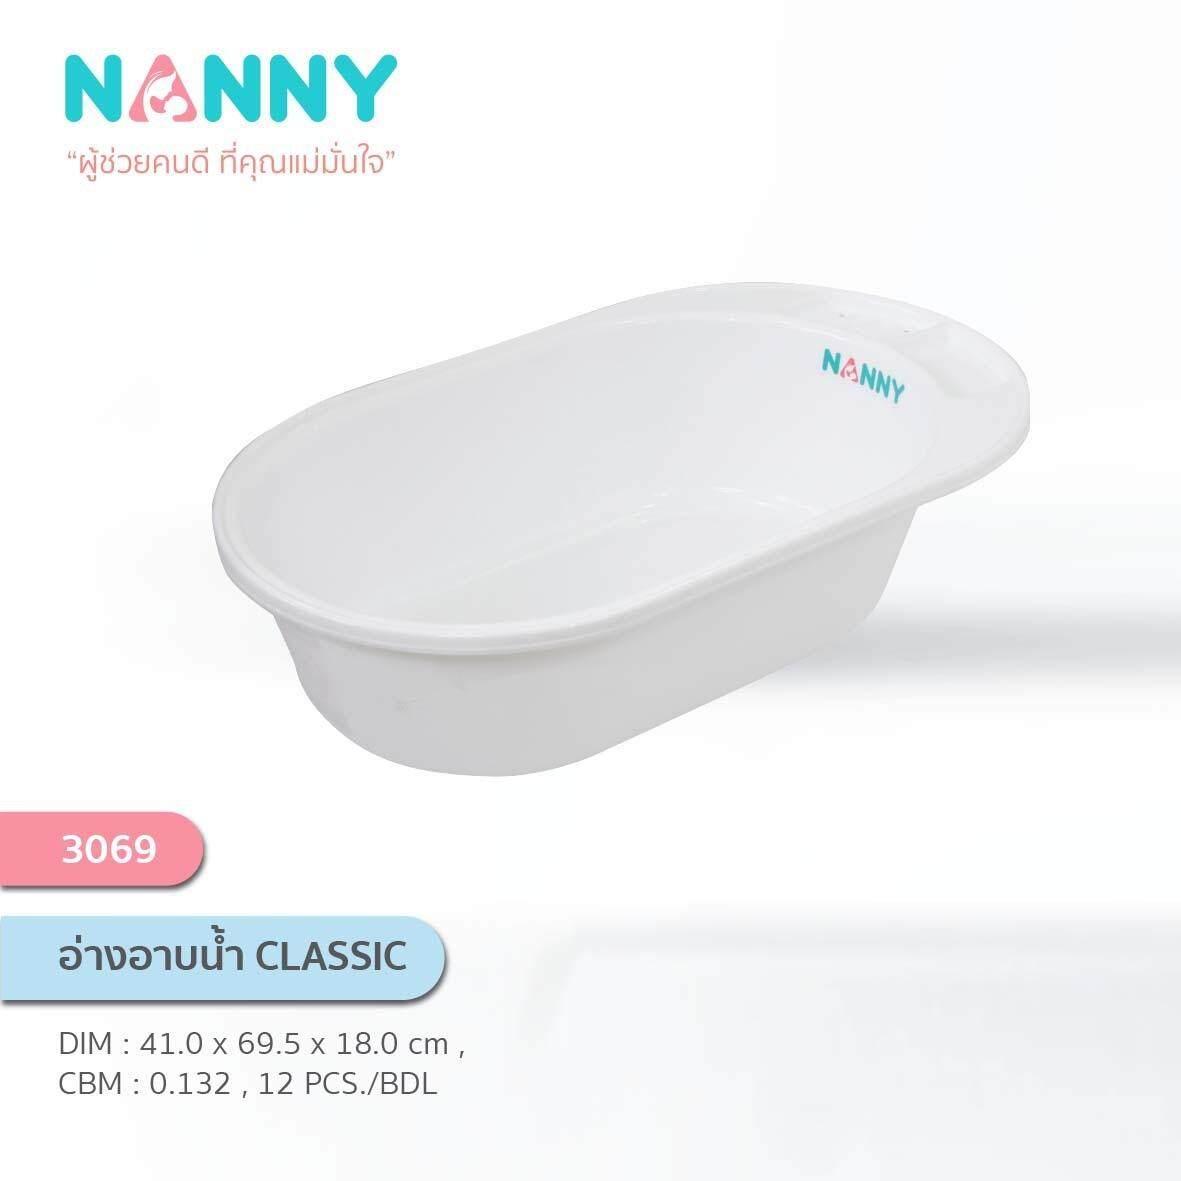 Nanny อ่างอาบน้ำเด็ก Classic ทรงวงรี มีให้เลือก 4 สี เขียว ฟ้า ขาว ชมพู ซื้อใน Lazada ถูกที่สุด By Urbabyshop.